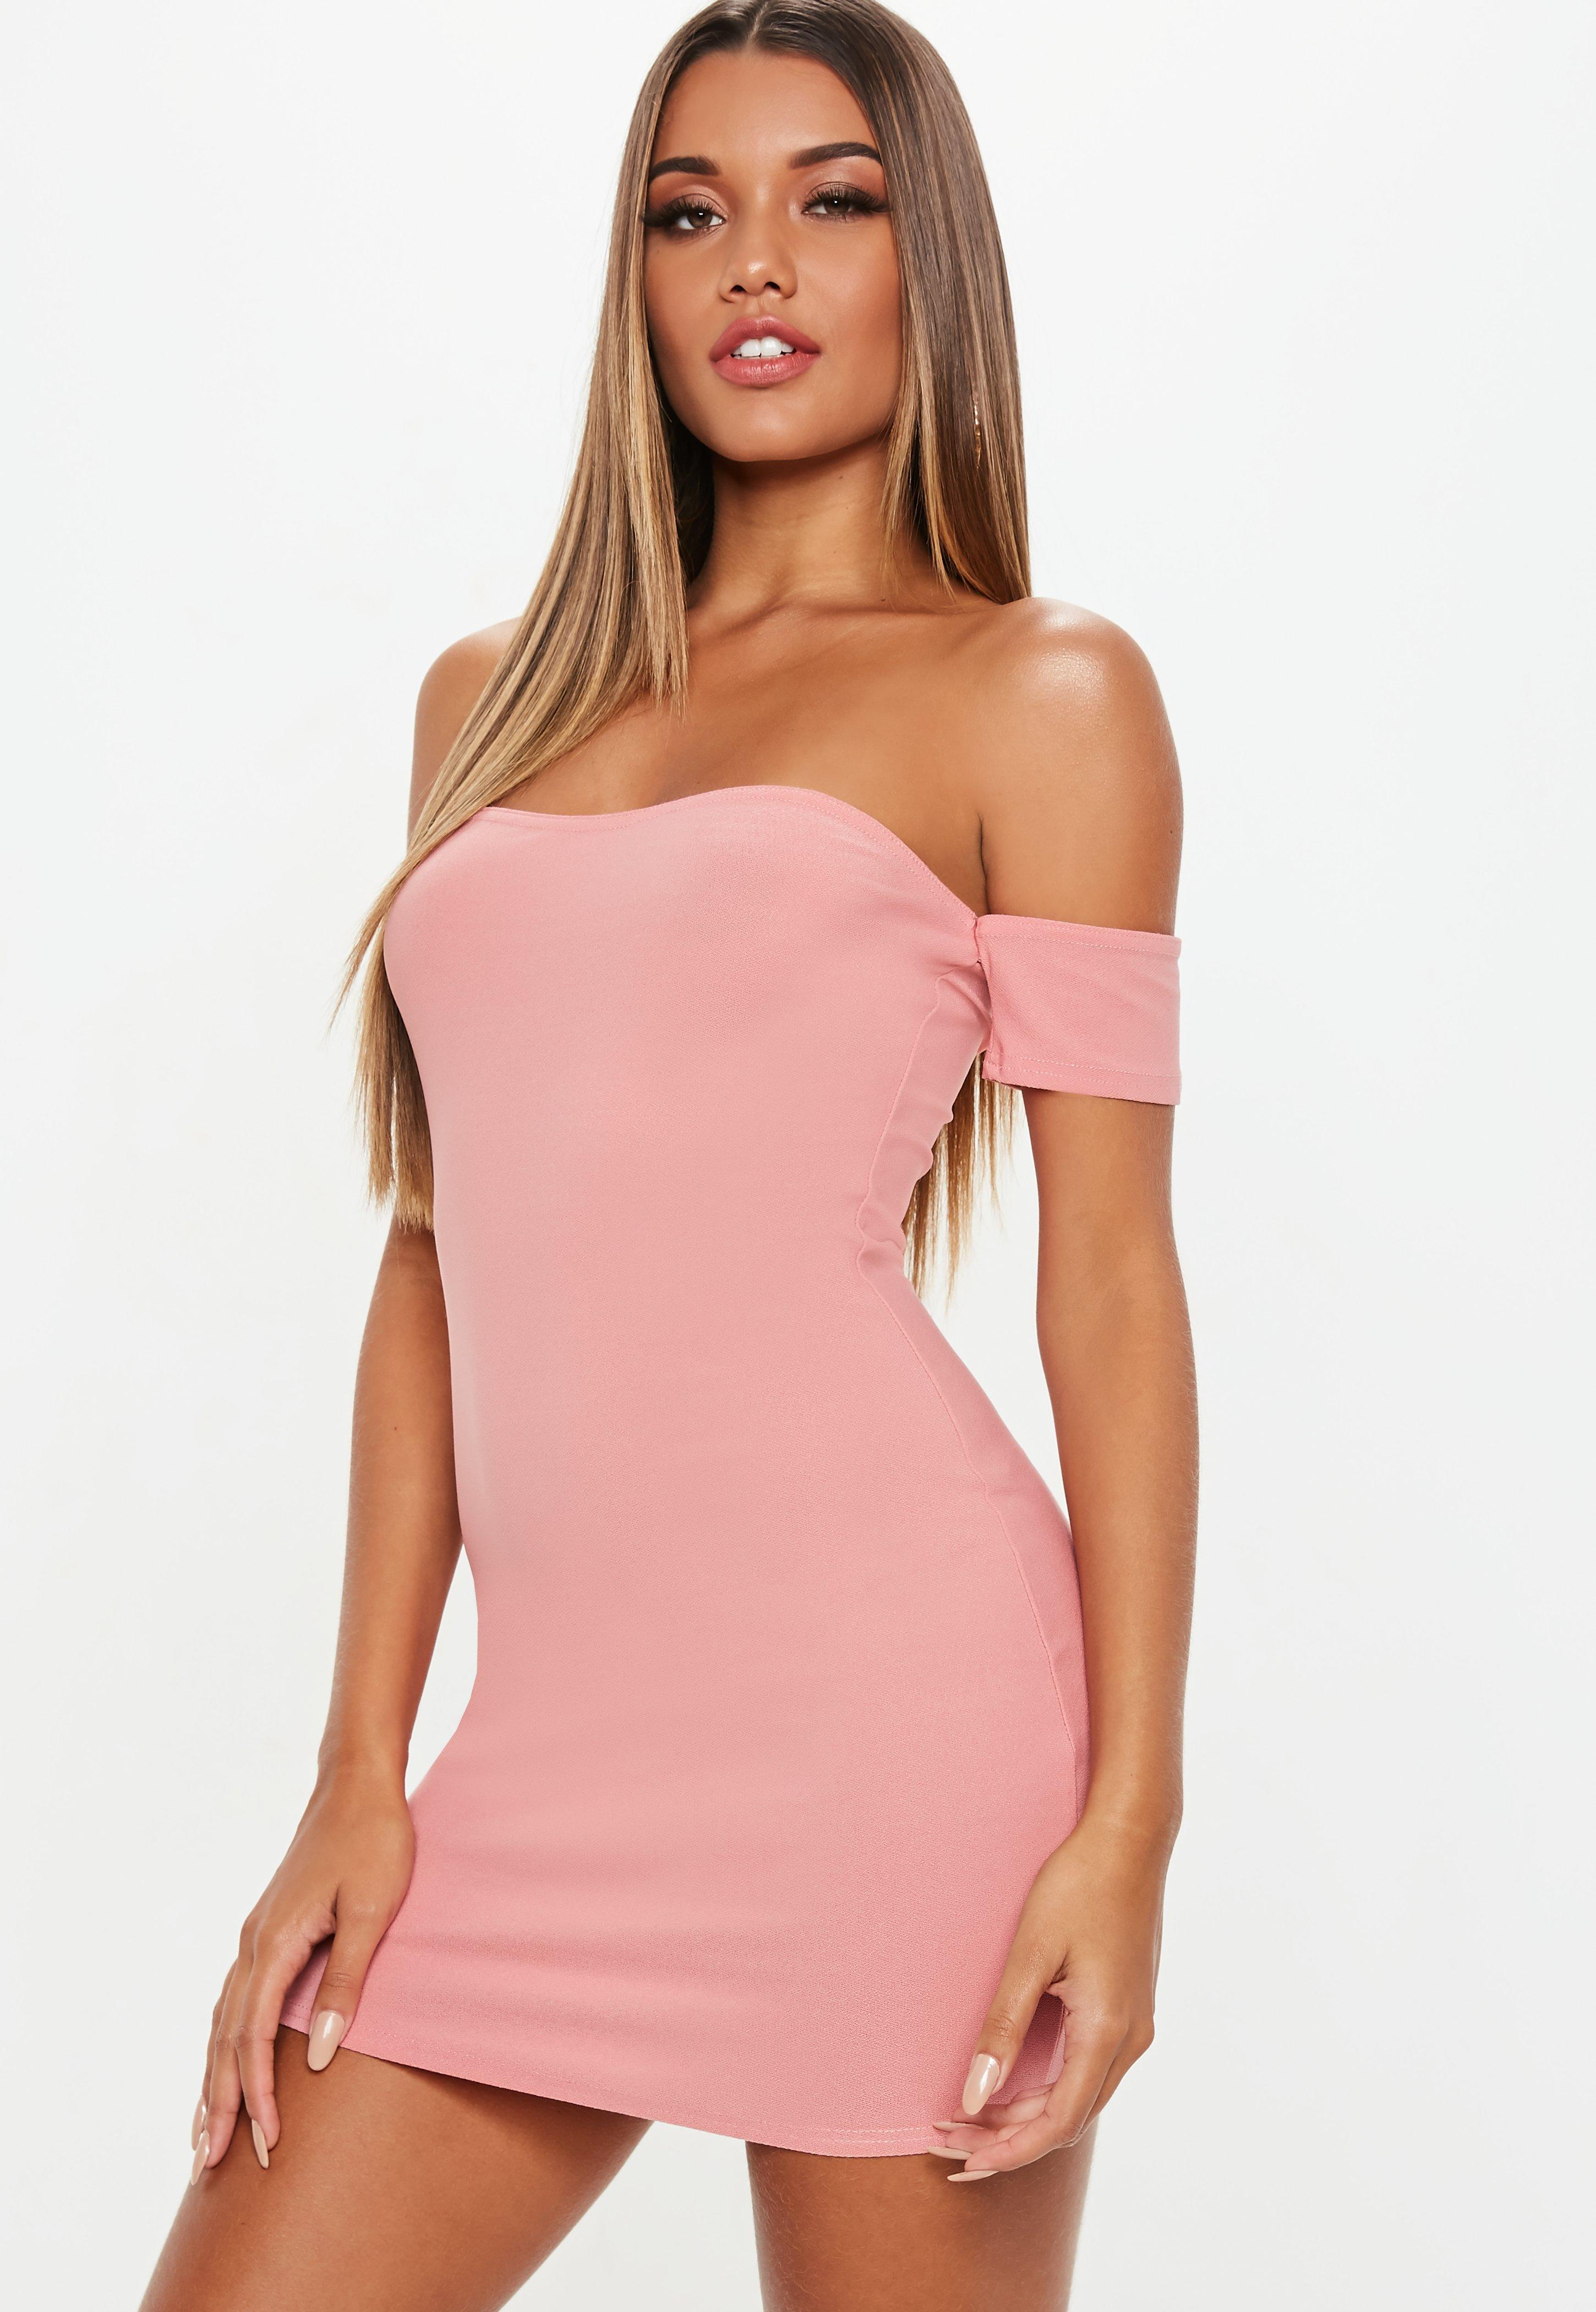 Vestidos | Vestidos de mujer online - Missguided